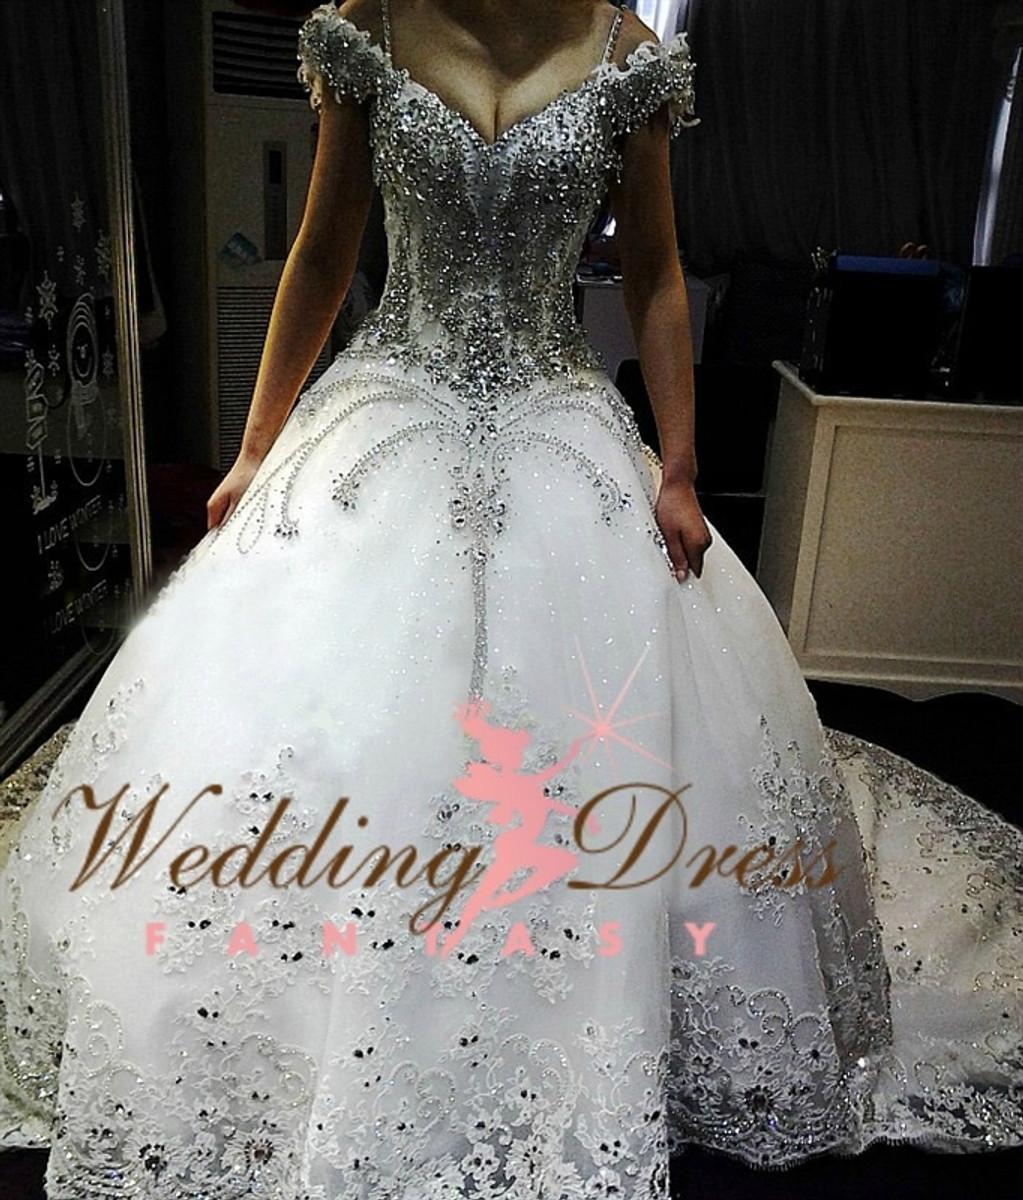 Gypsy wedding dress images